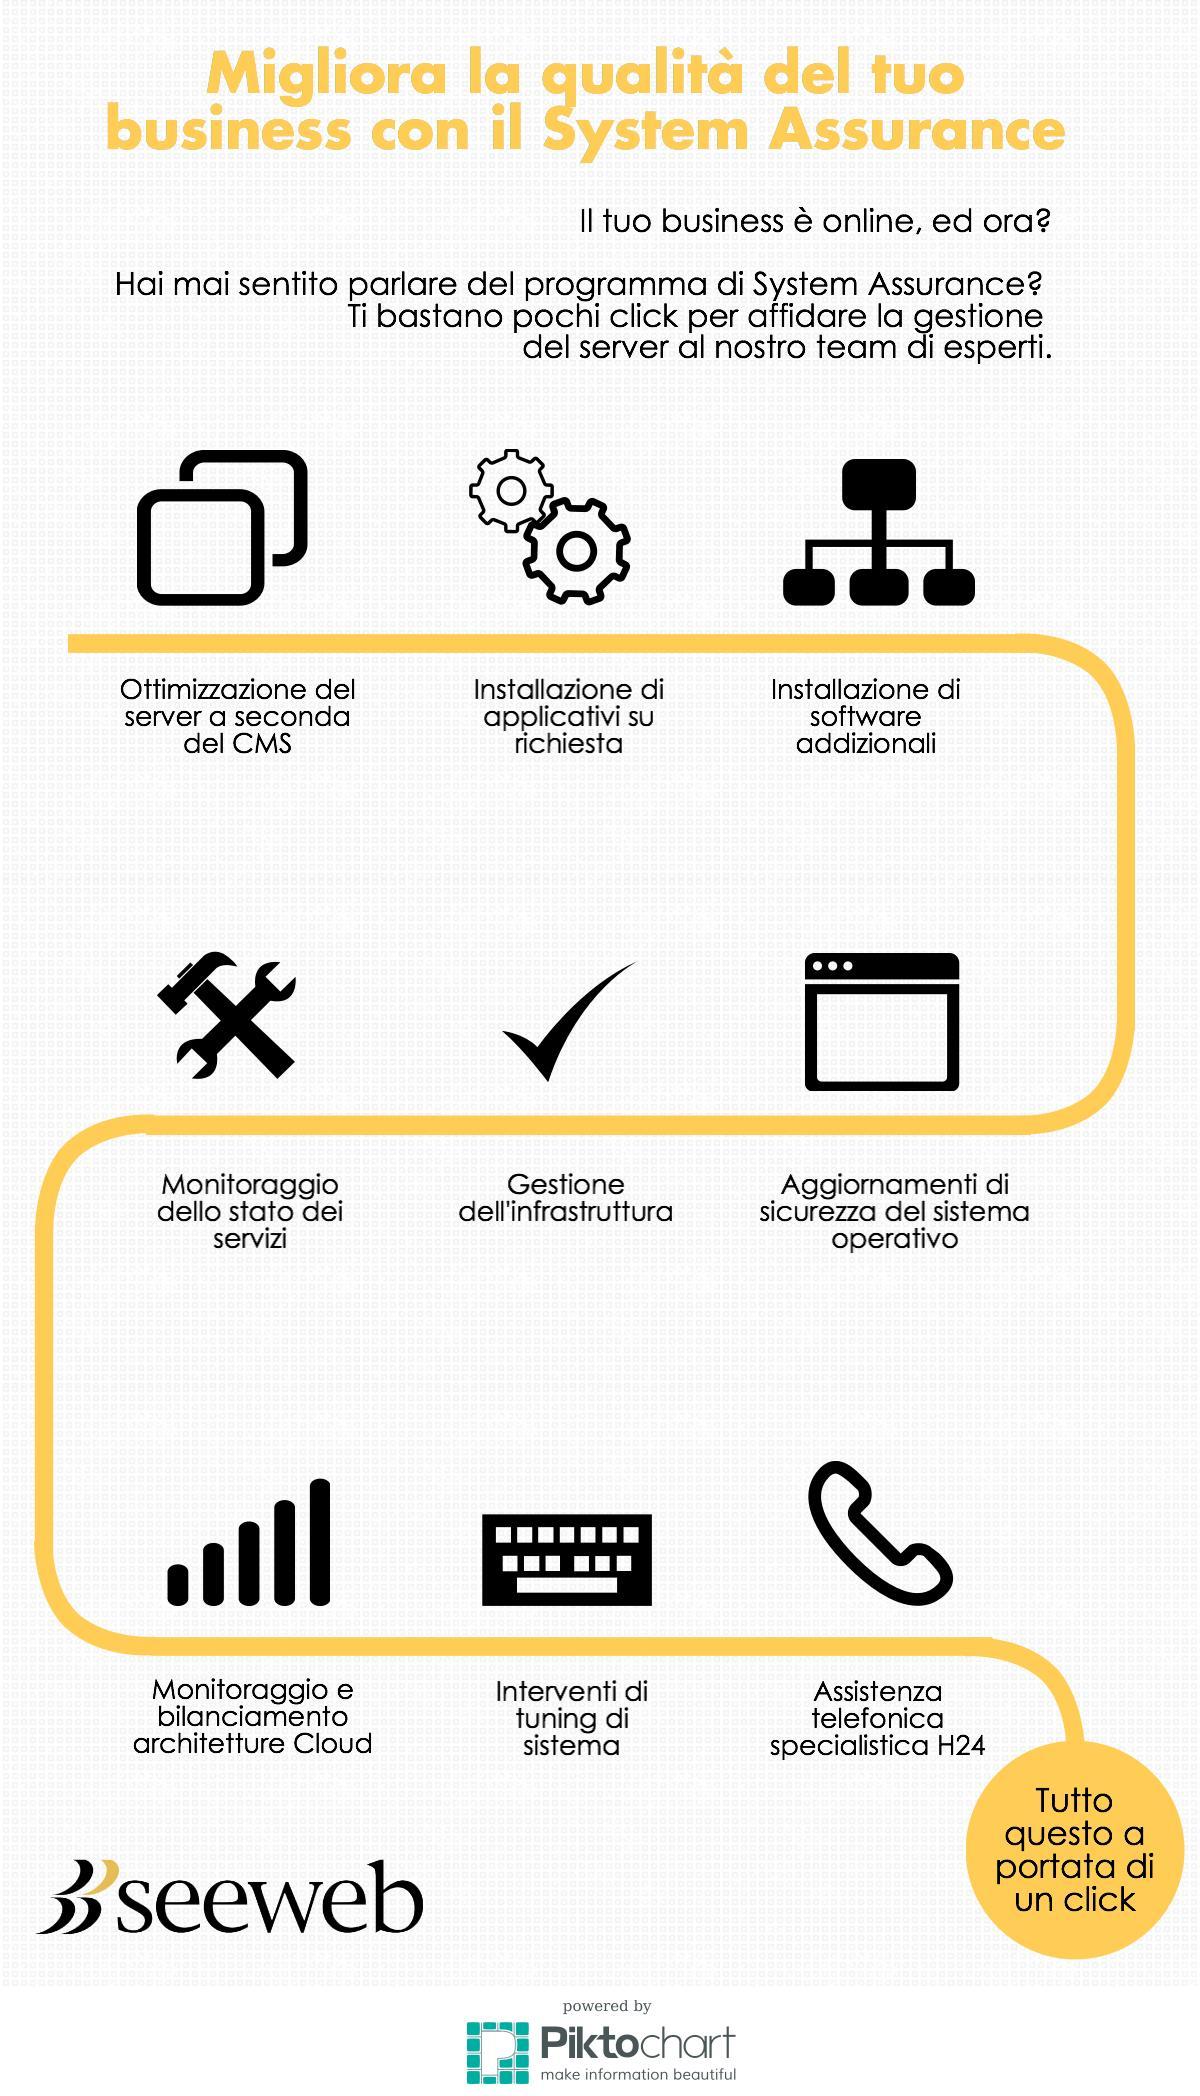 9 motivi per scegliere il programma di System Assurance